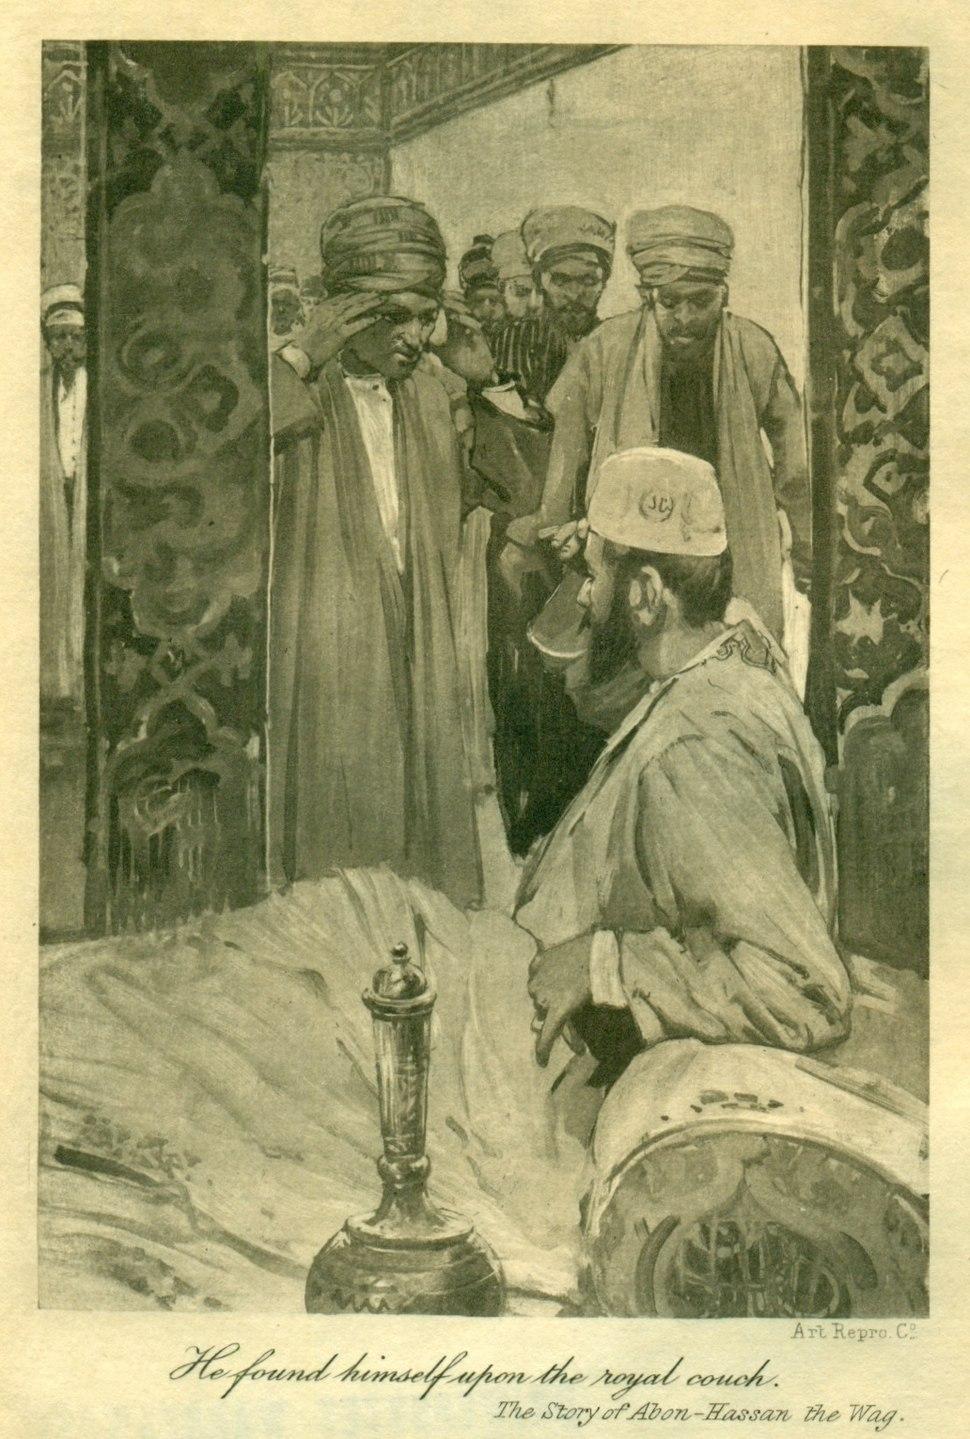 Brangwyn, Arabian Nights, Vol 3, 1896 (1)